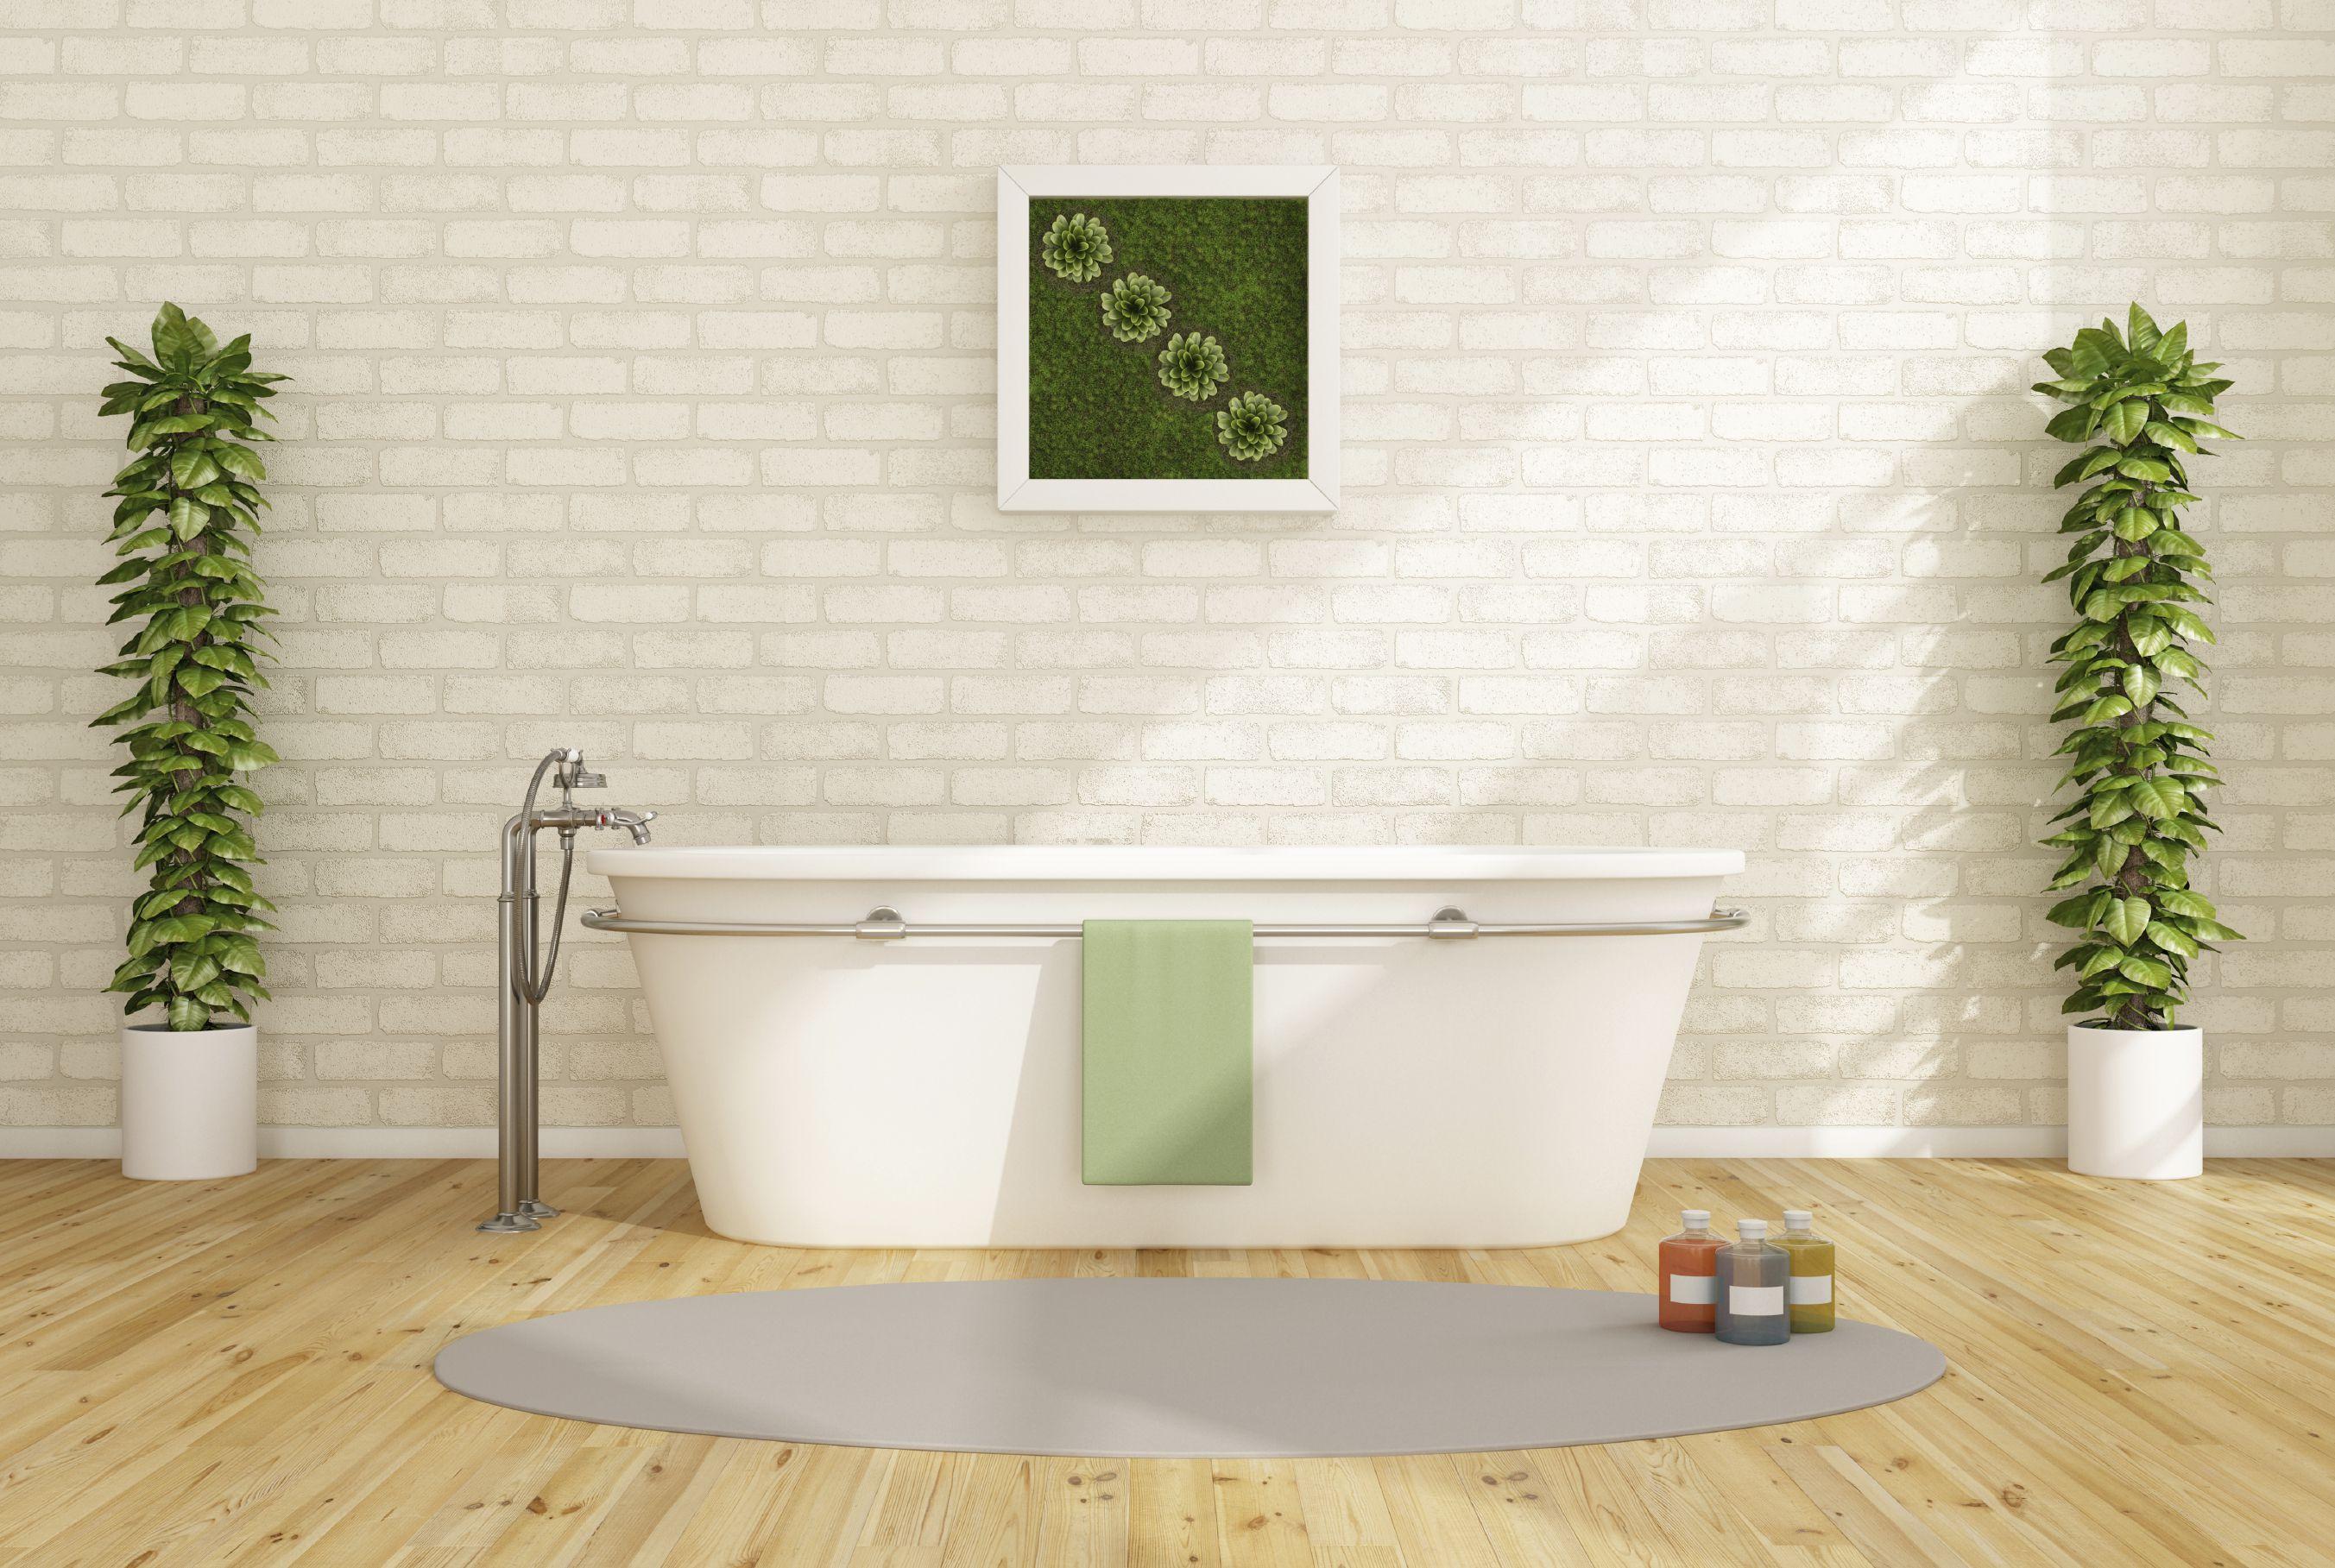 Bathtub - Green